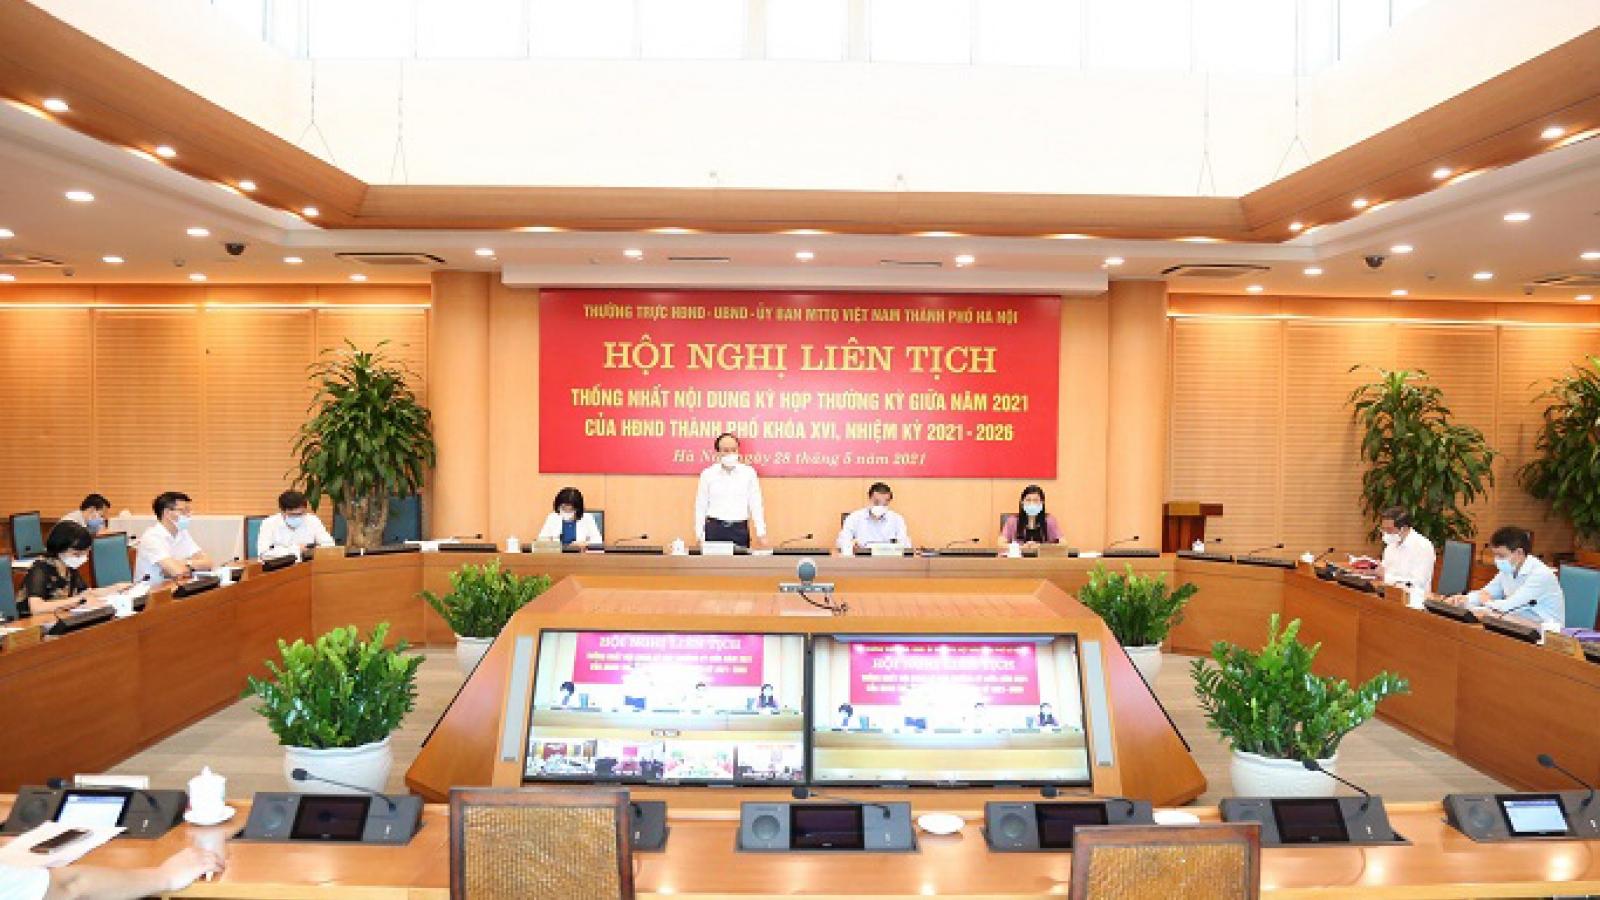 HĐND thành phố Hà Nội sẽ họp giữa kỳ vào tháng 7, xem xét 28 nội dung